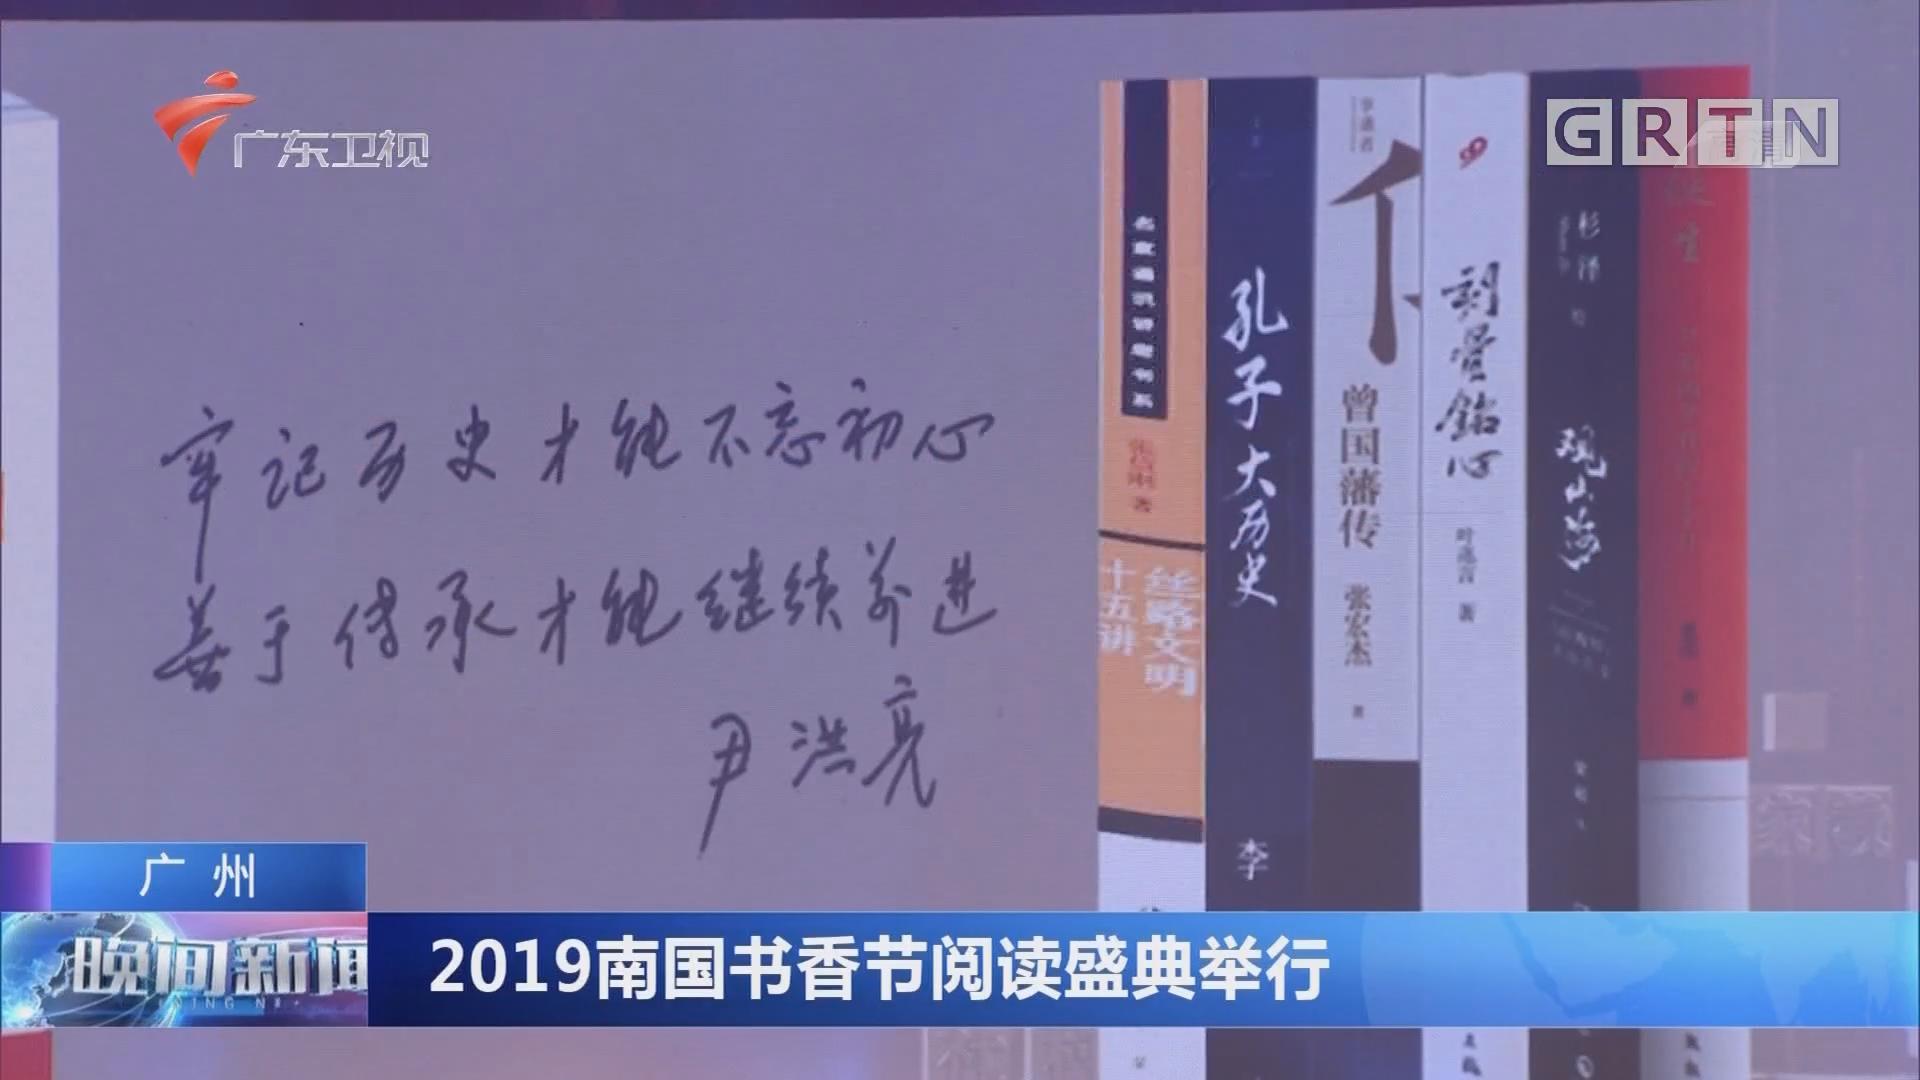 广州:2019南国书香节阅读盛典举行